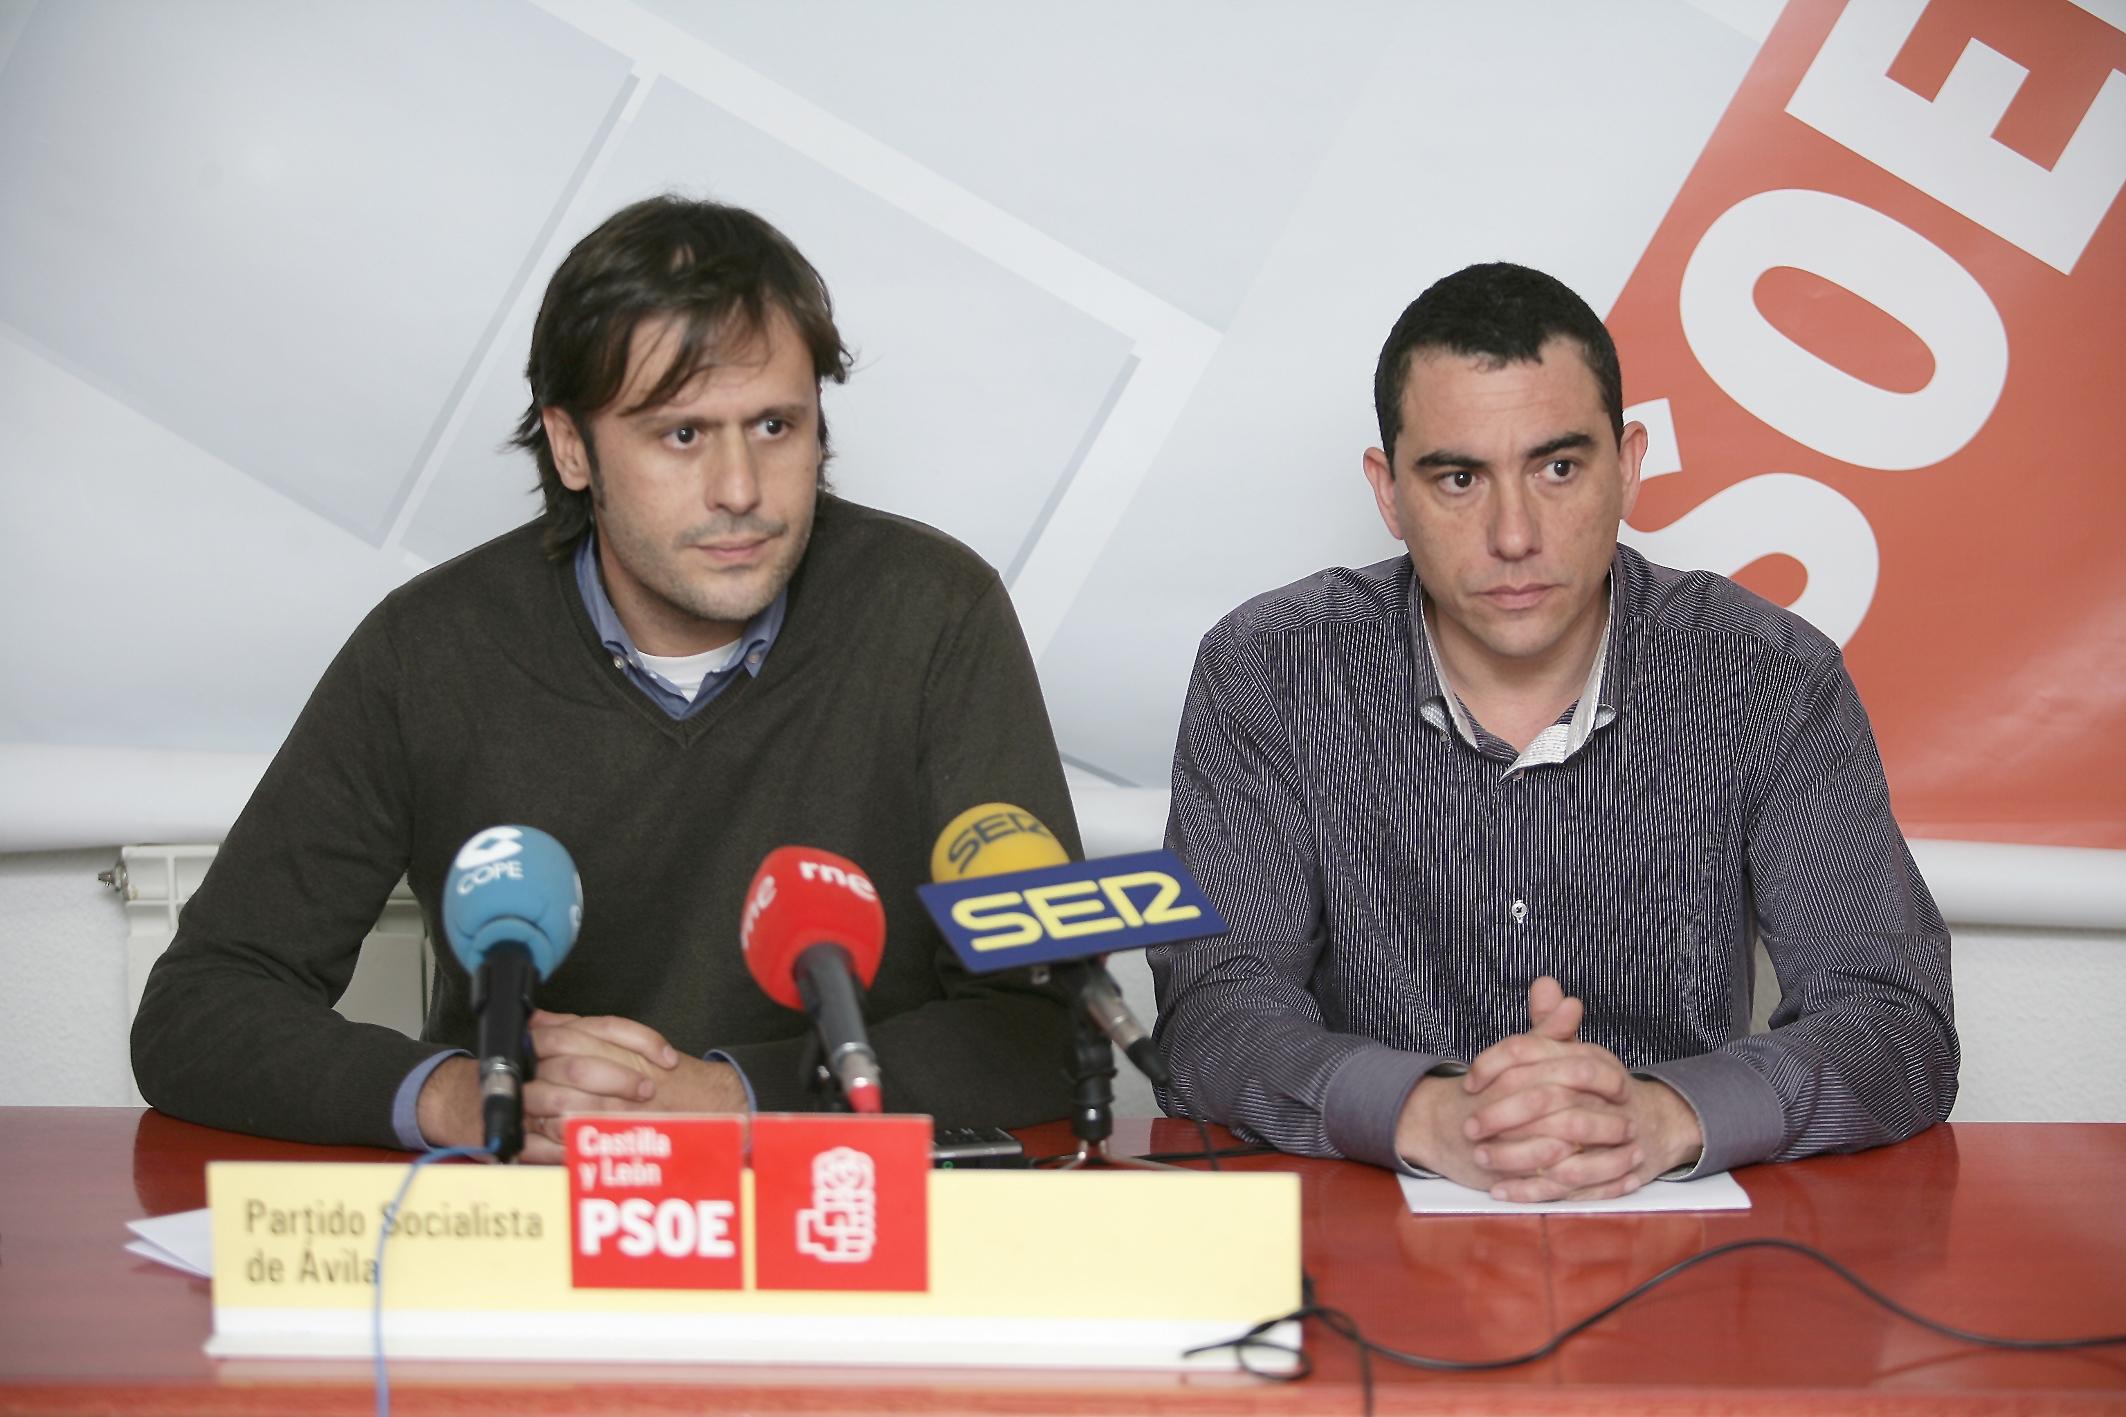 Óscar Tapias y Felipe Lozano del PSOE de Arenas de San Pedro - Por la calidad educativa - TiétarTeVe